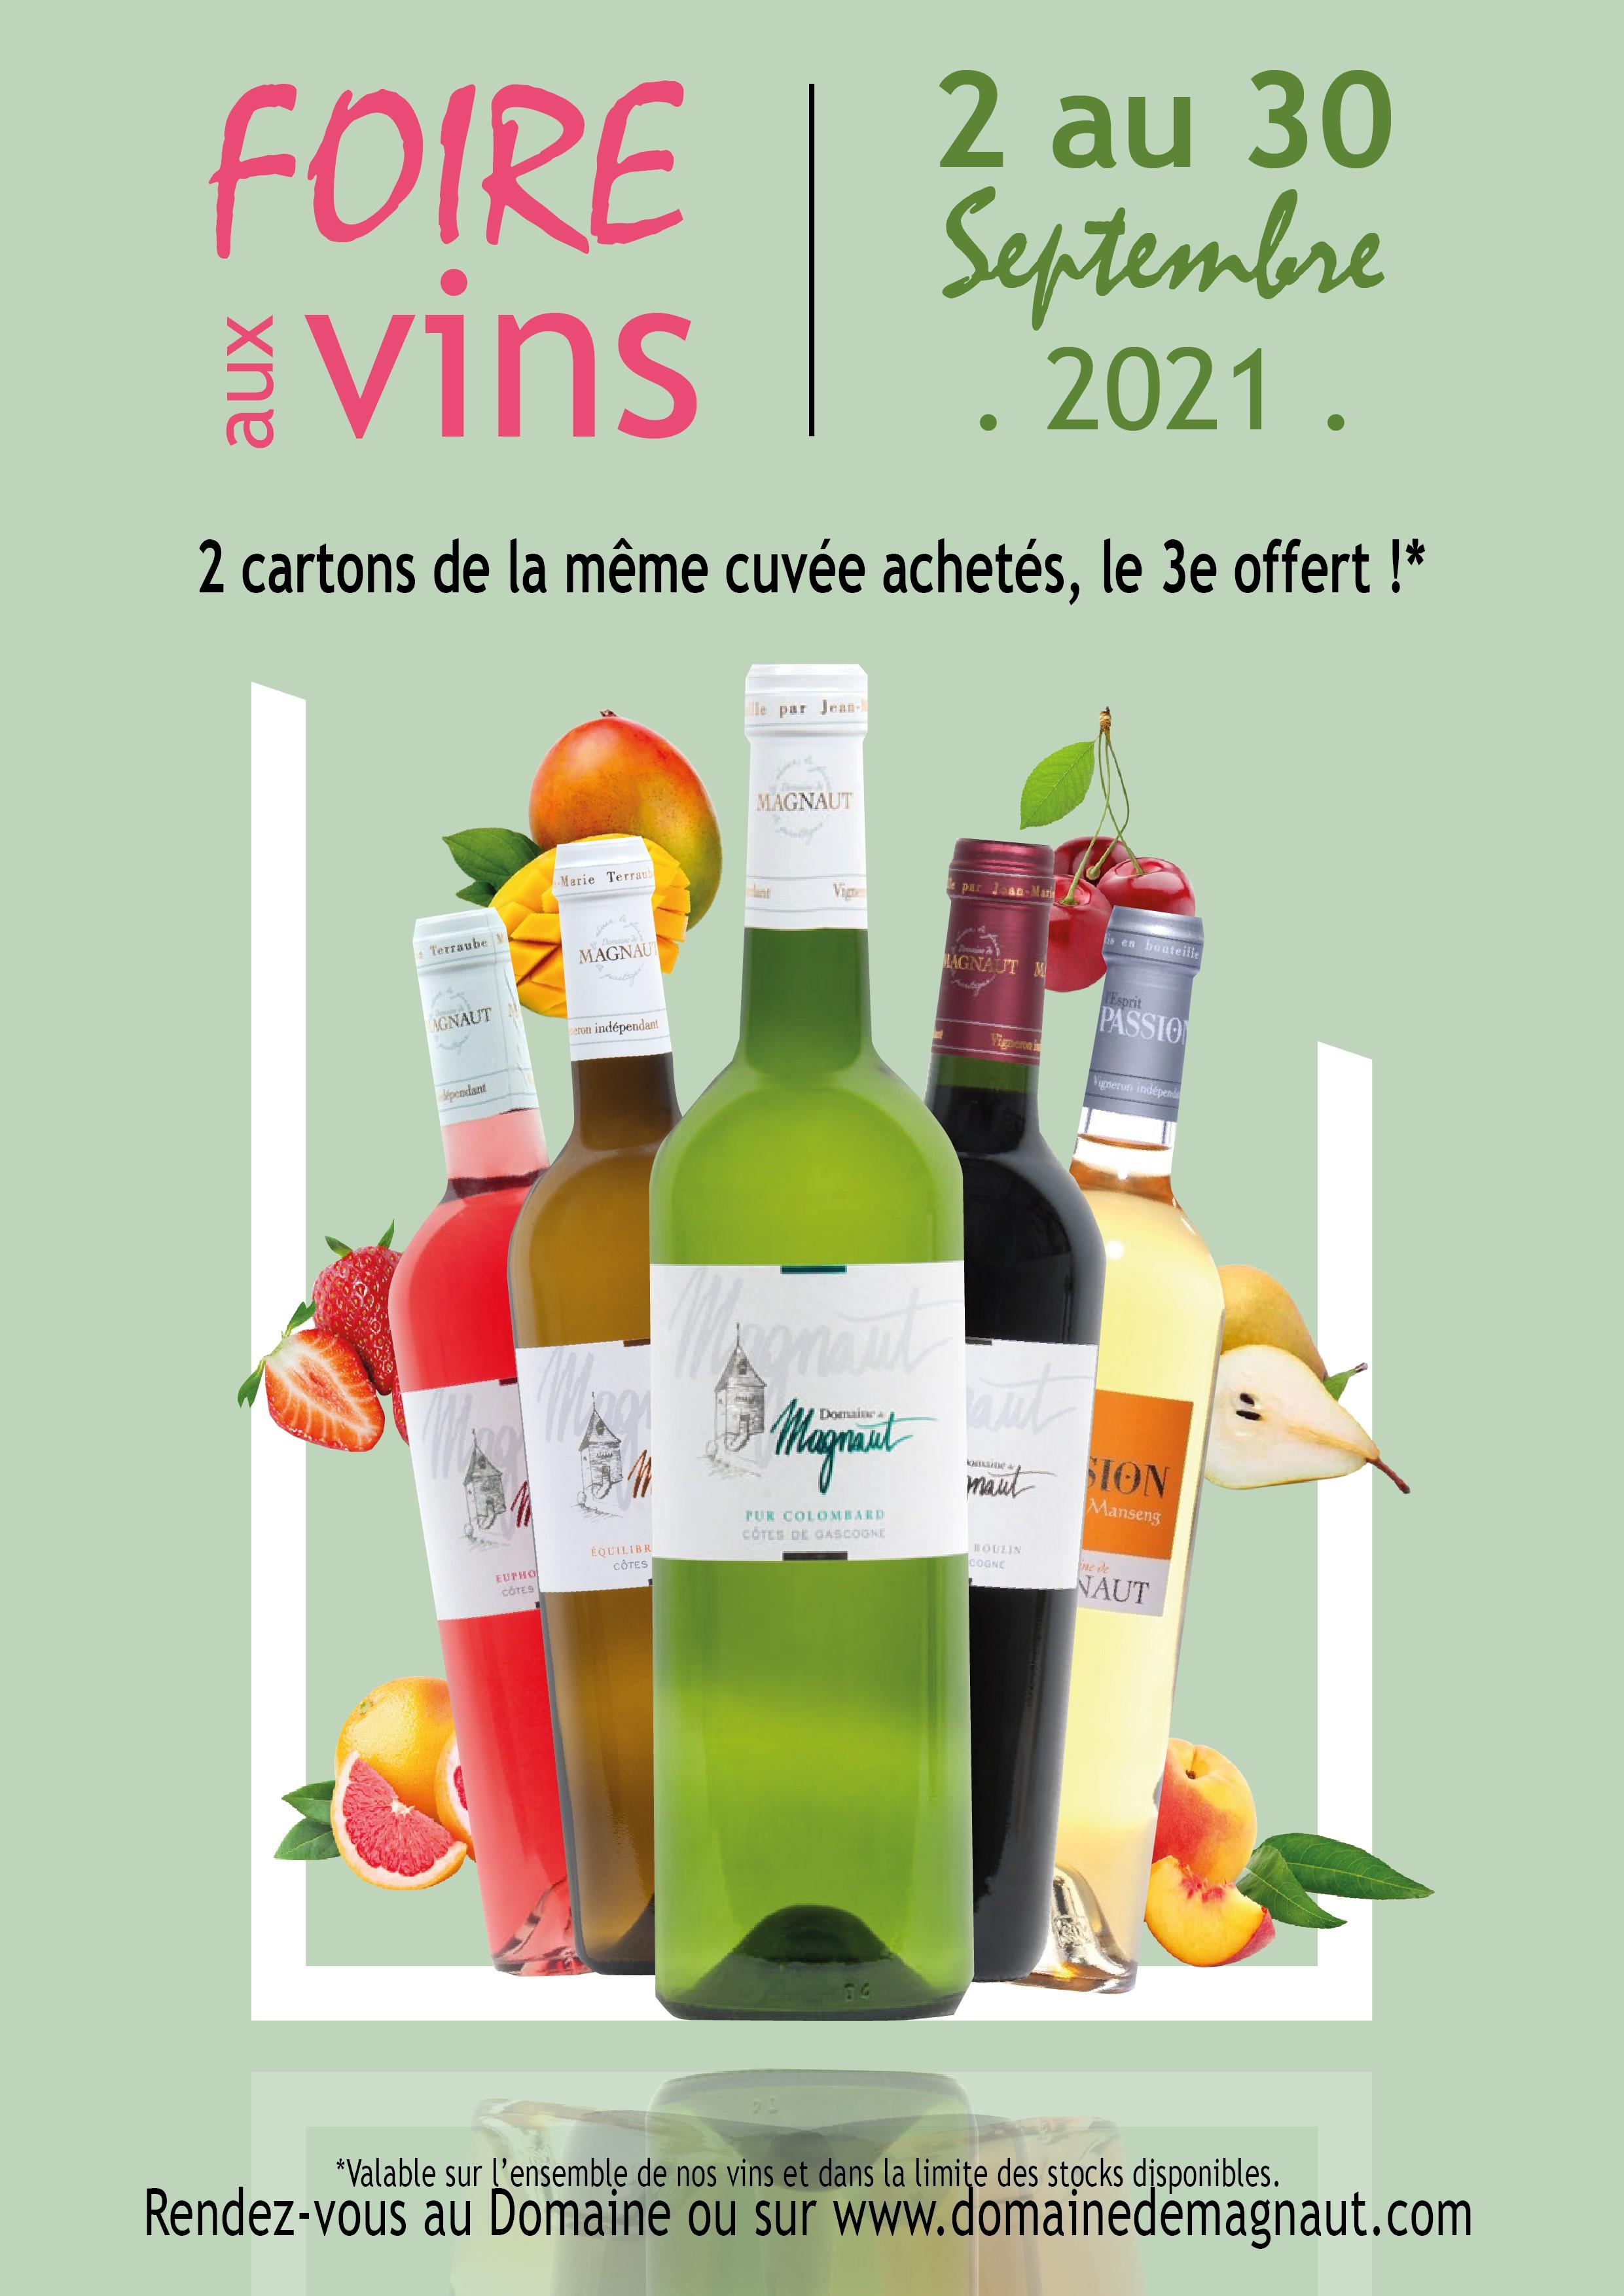 Foire aux vins - septembre 2021 - RUPTURE EUPHORIE DE ROSE, MANSENG SEC, EDEN BLANC